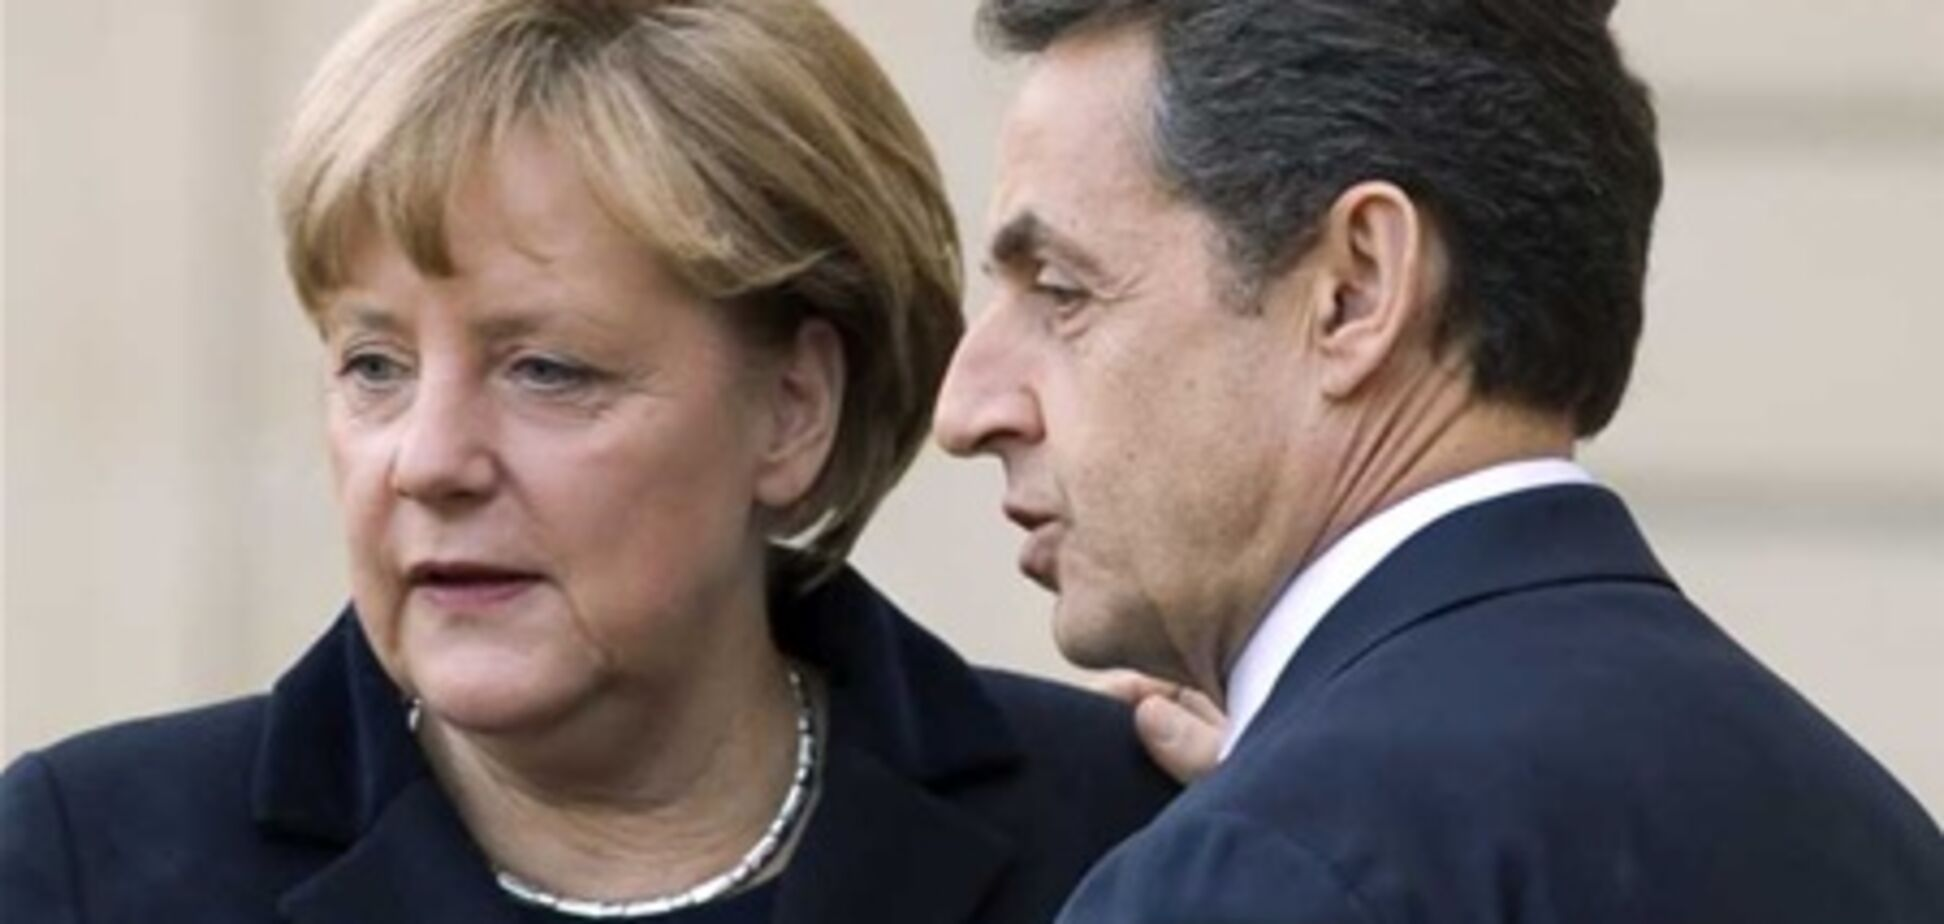 Меркель і Саркозі попередили своїх громадян: ЄС чекають нові труднощі